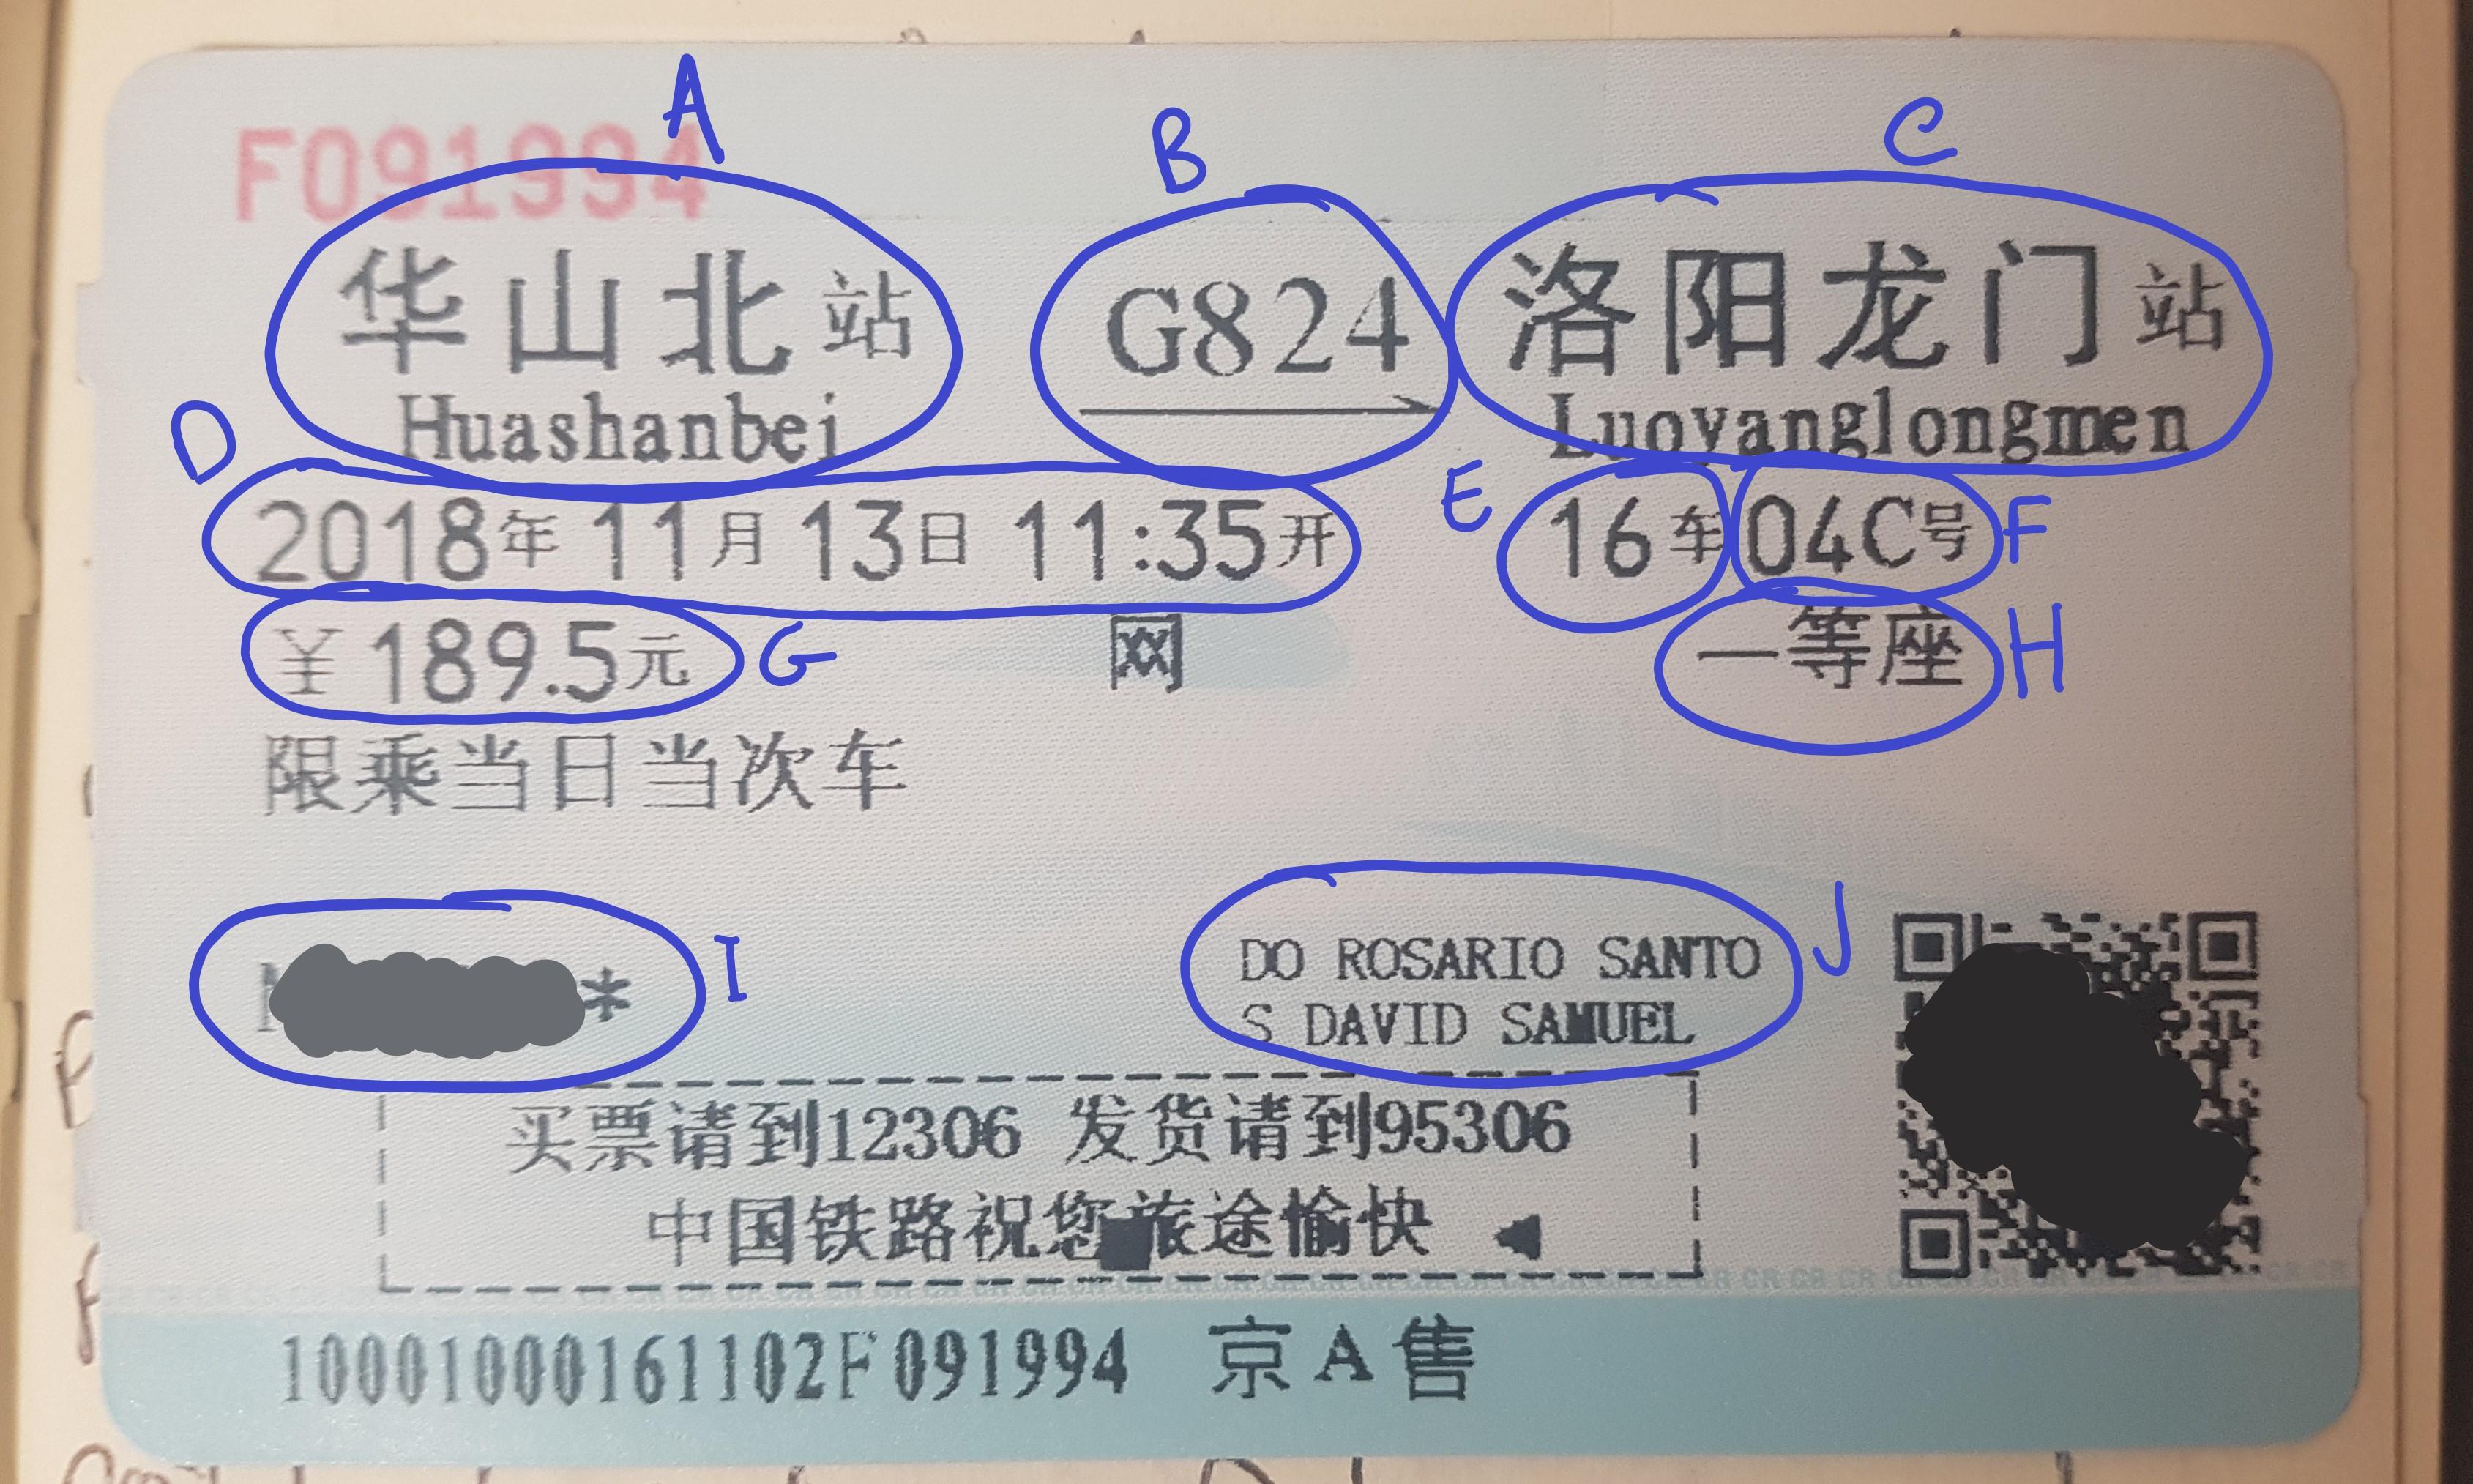 Bilhete de 1ª classe para comboio de alta velocidade na China